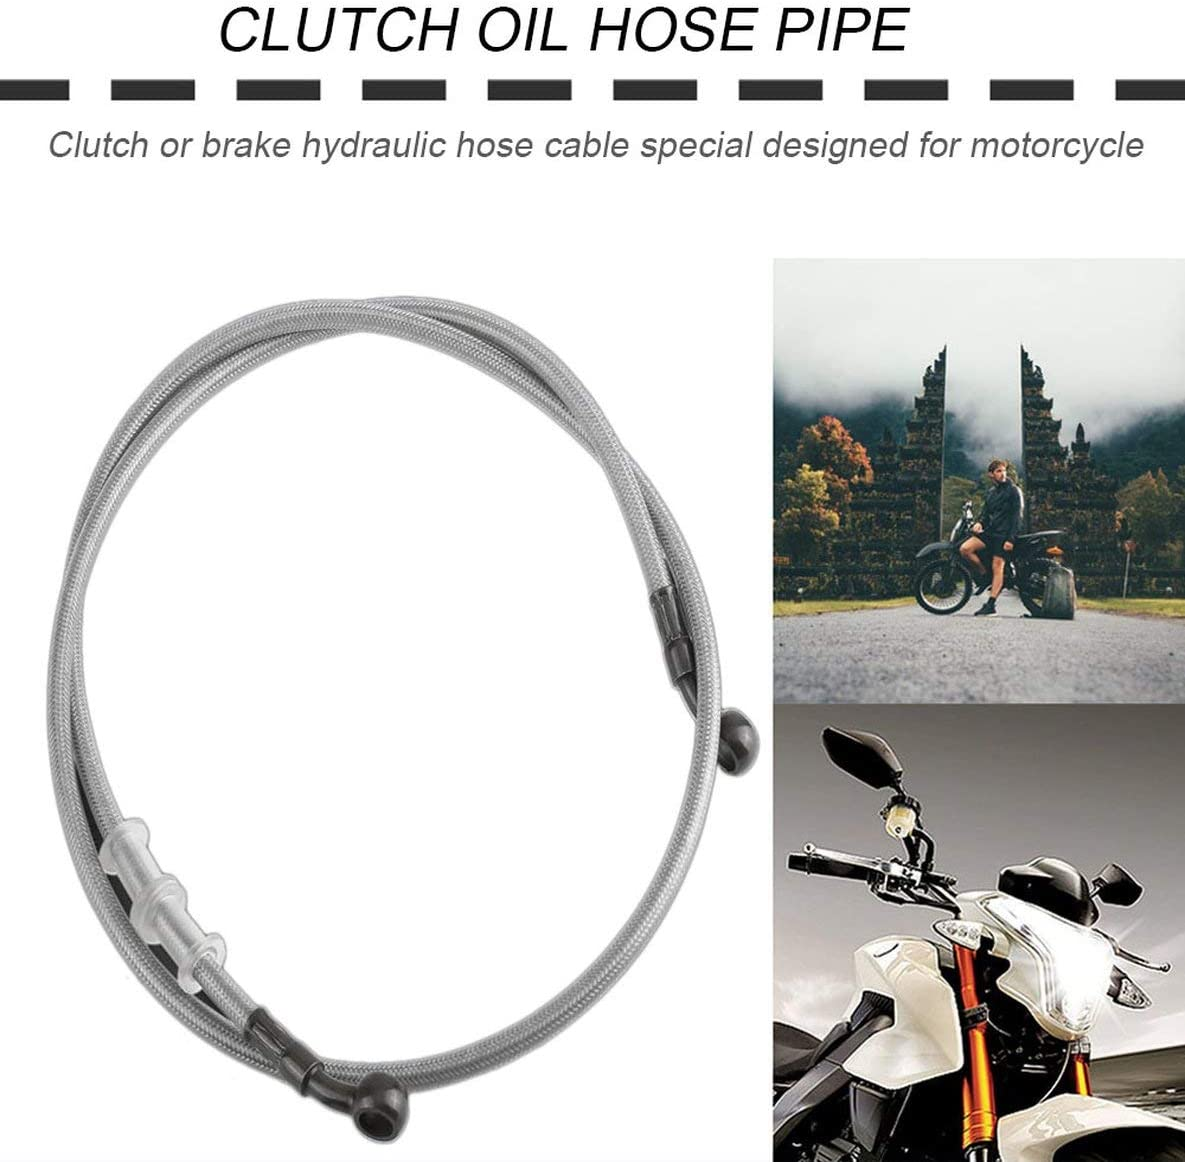 Rouku Universal-Motorrad-Bremsleitung Stahlflex Hydraulische Verst/ärkung Bremsen-Kupplungs-/Ölschlauch Line Pipe Rohr f/ür Racing Dirt Bike